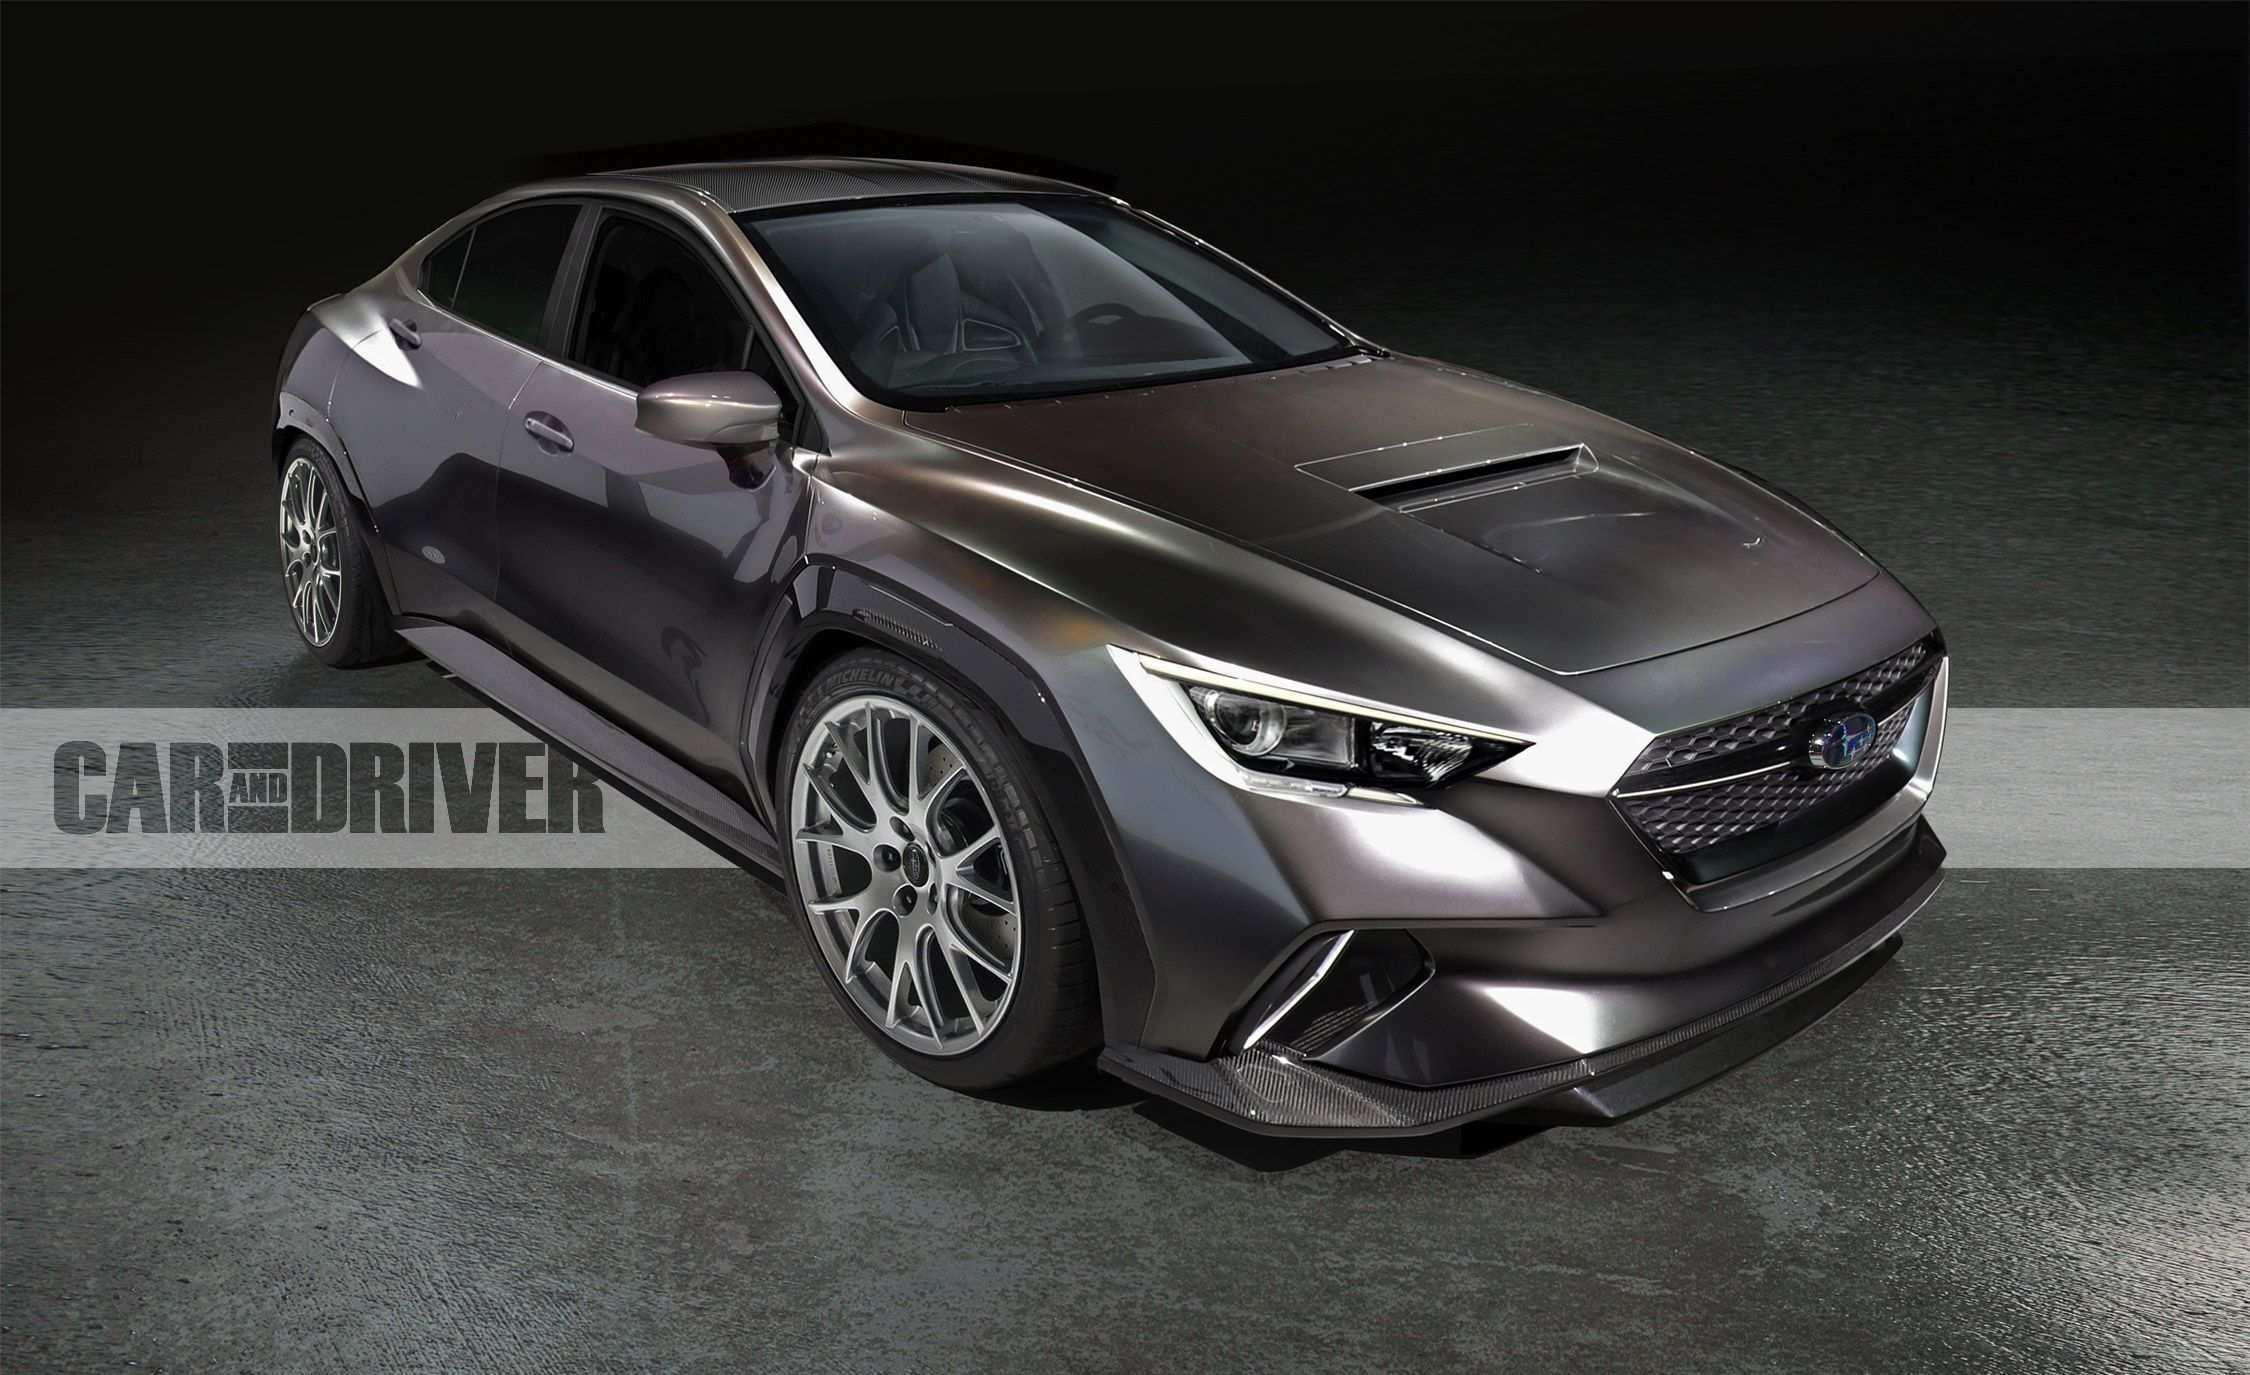 86 New Subaru 2020 Sti Price by Subaru 2020 Sti